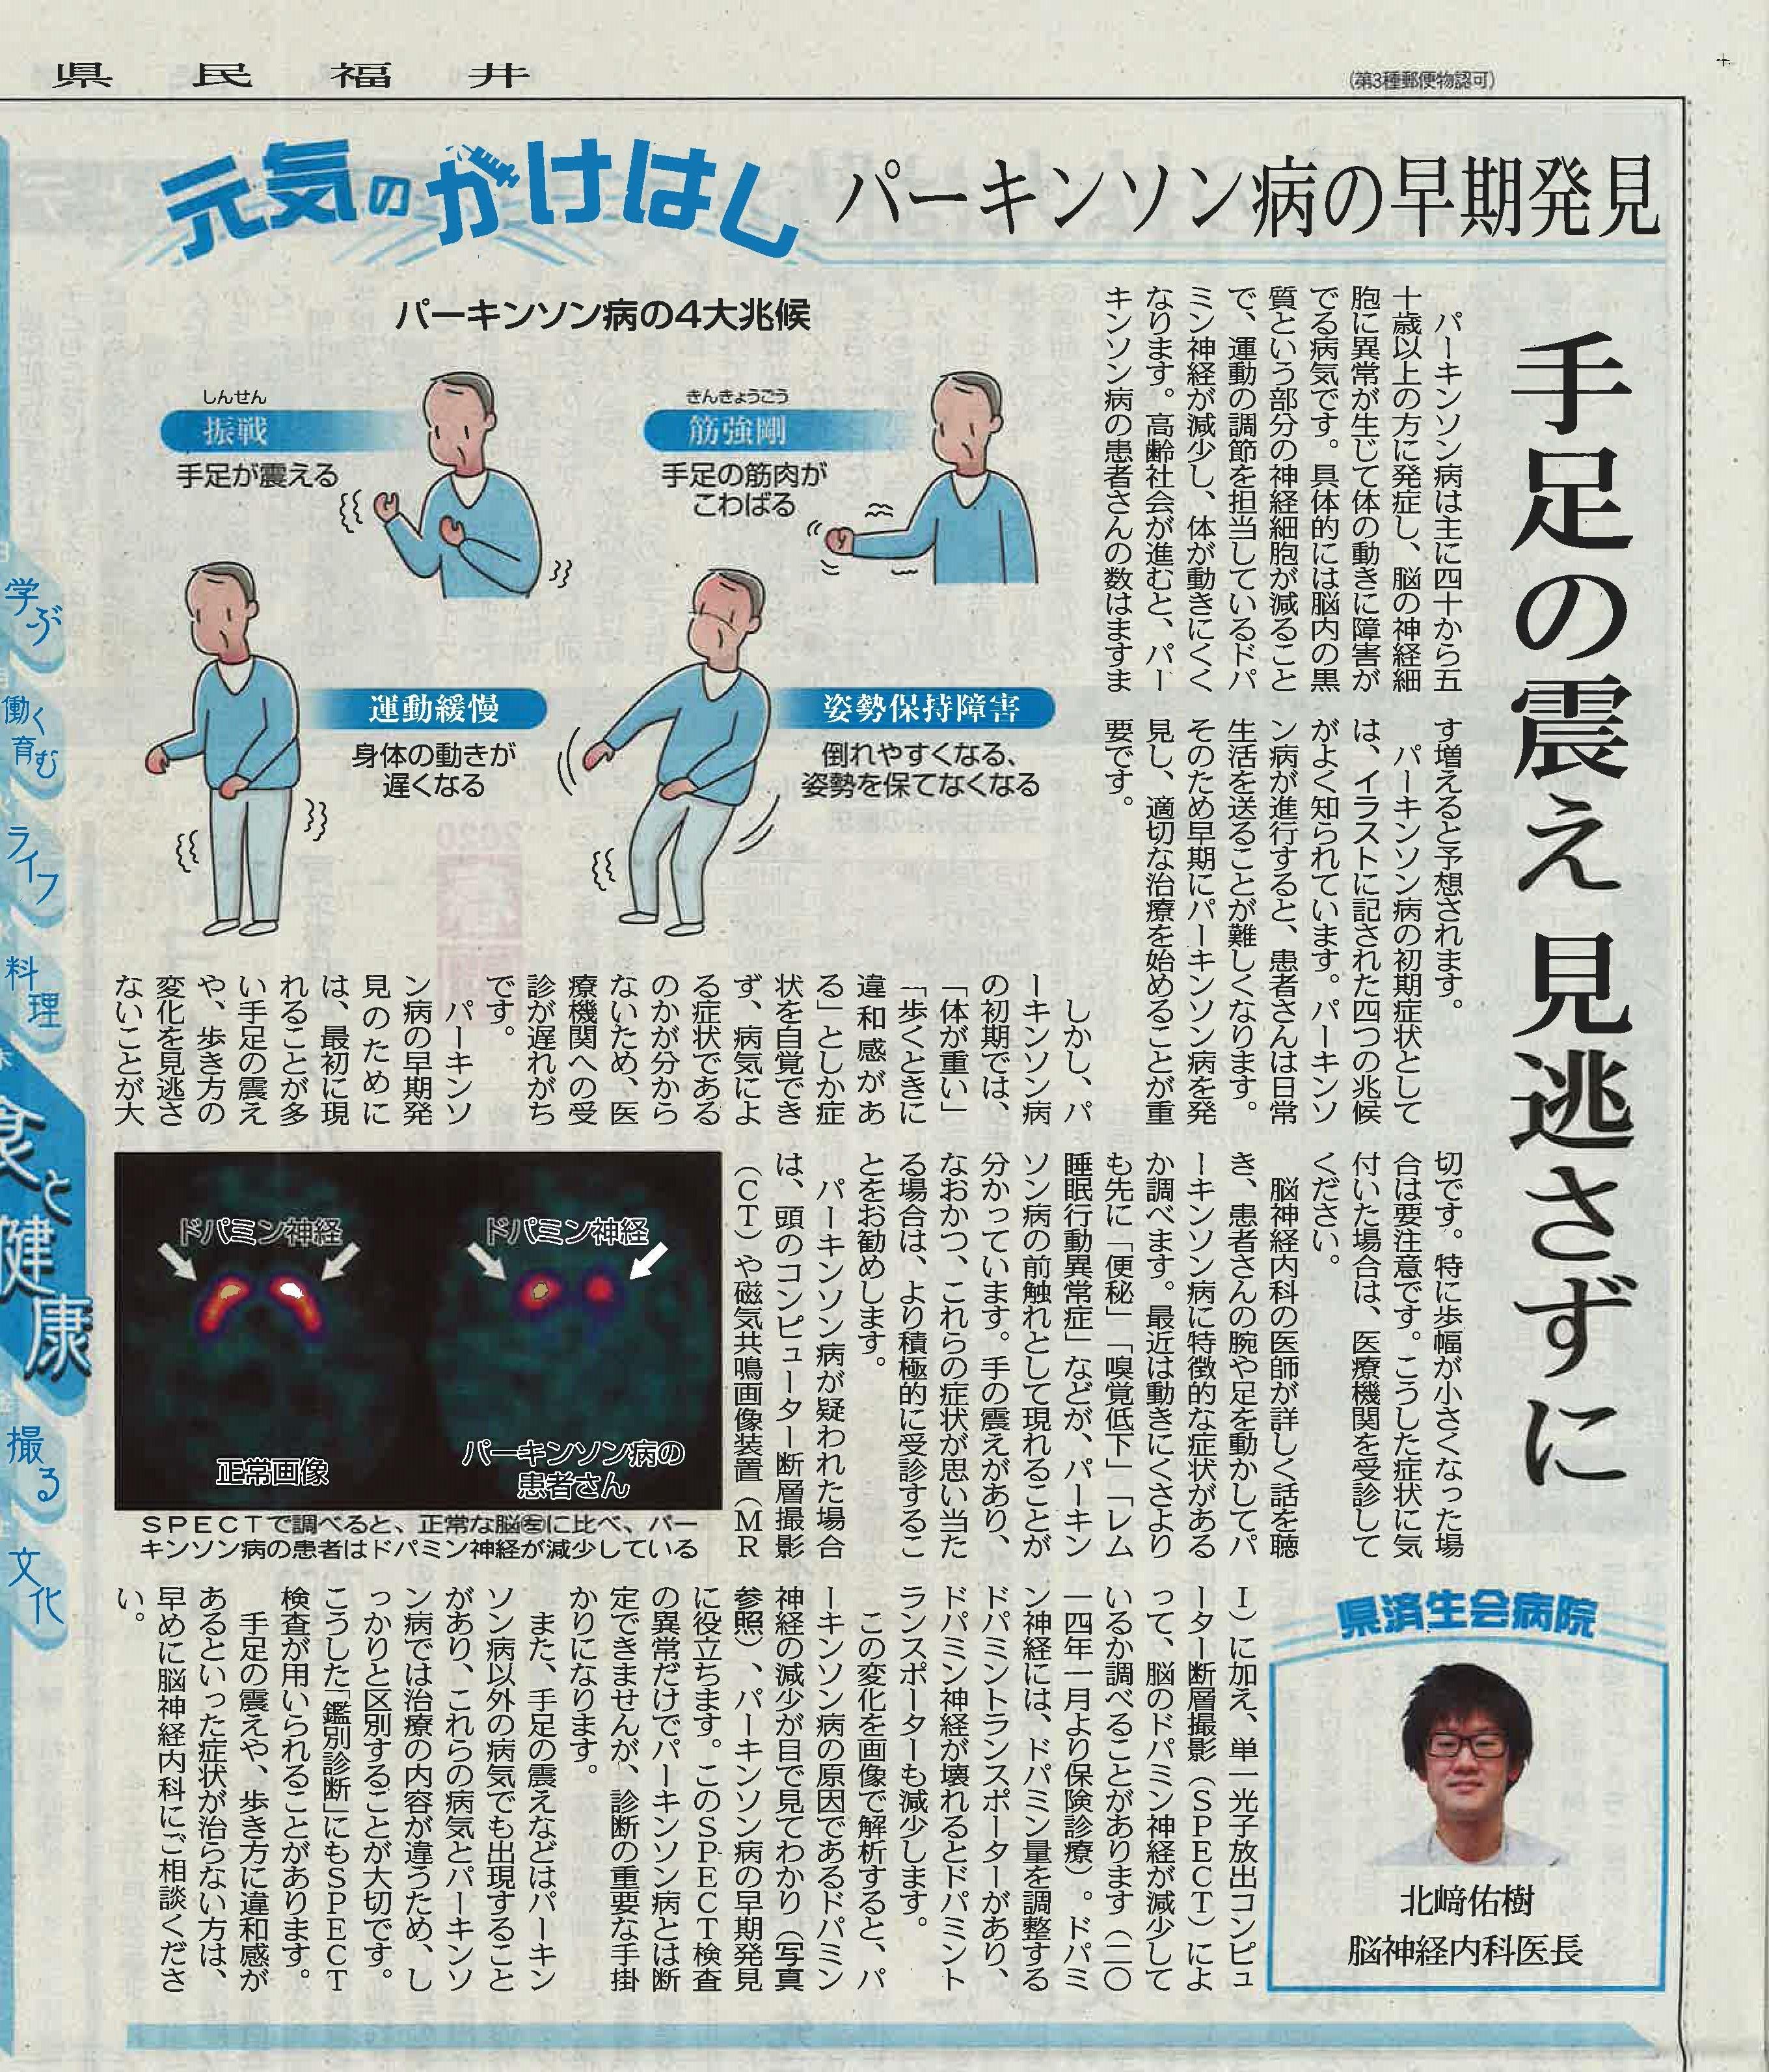 2020年2月13日 日刊県民福井